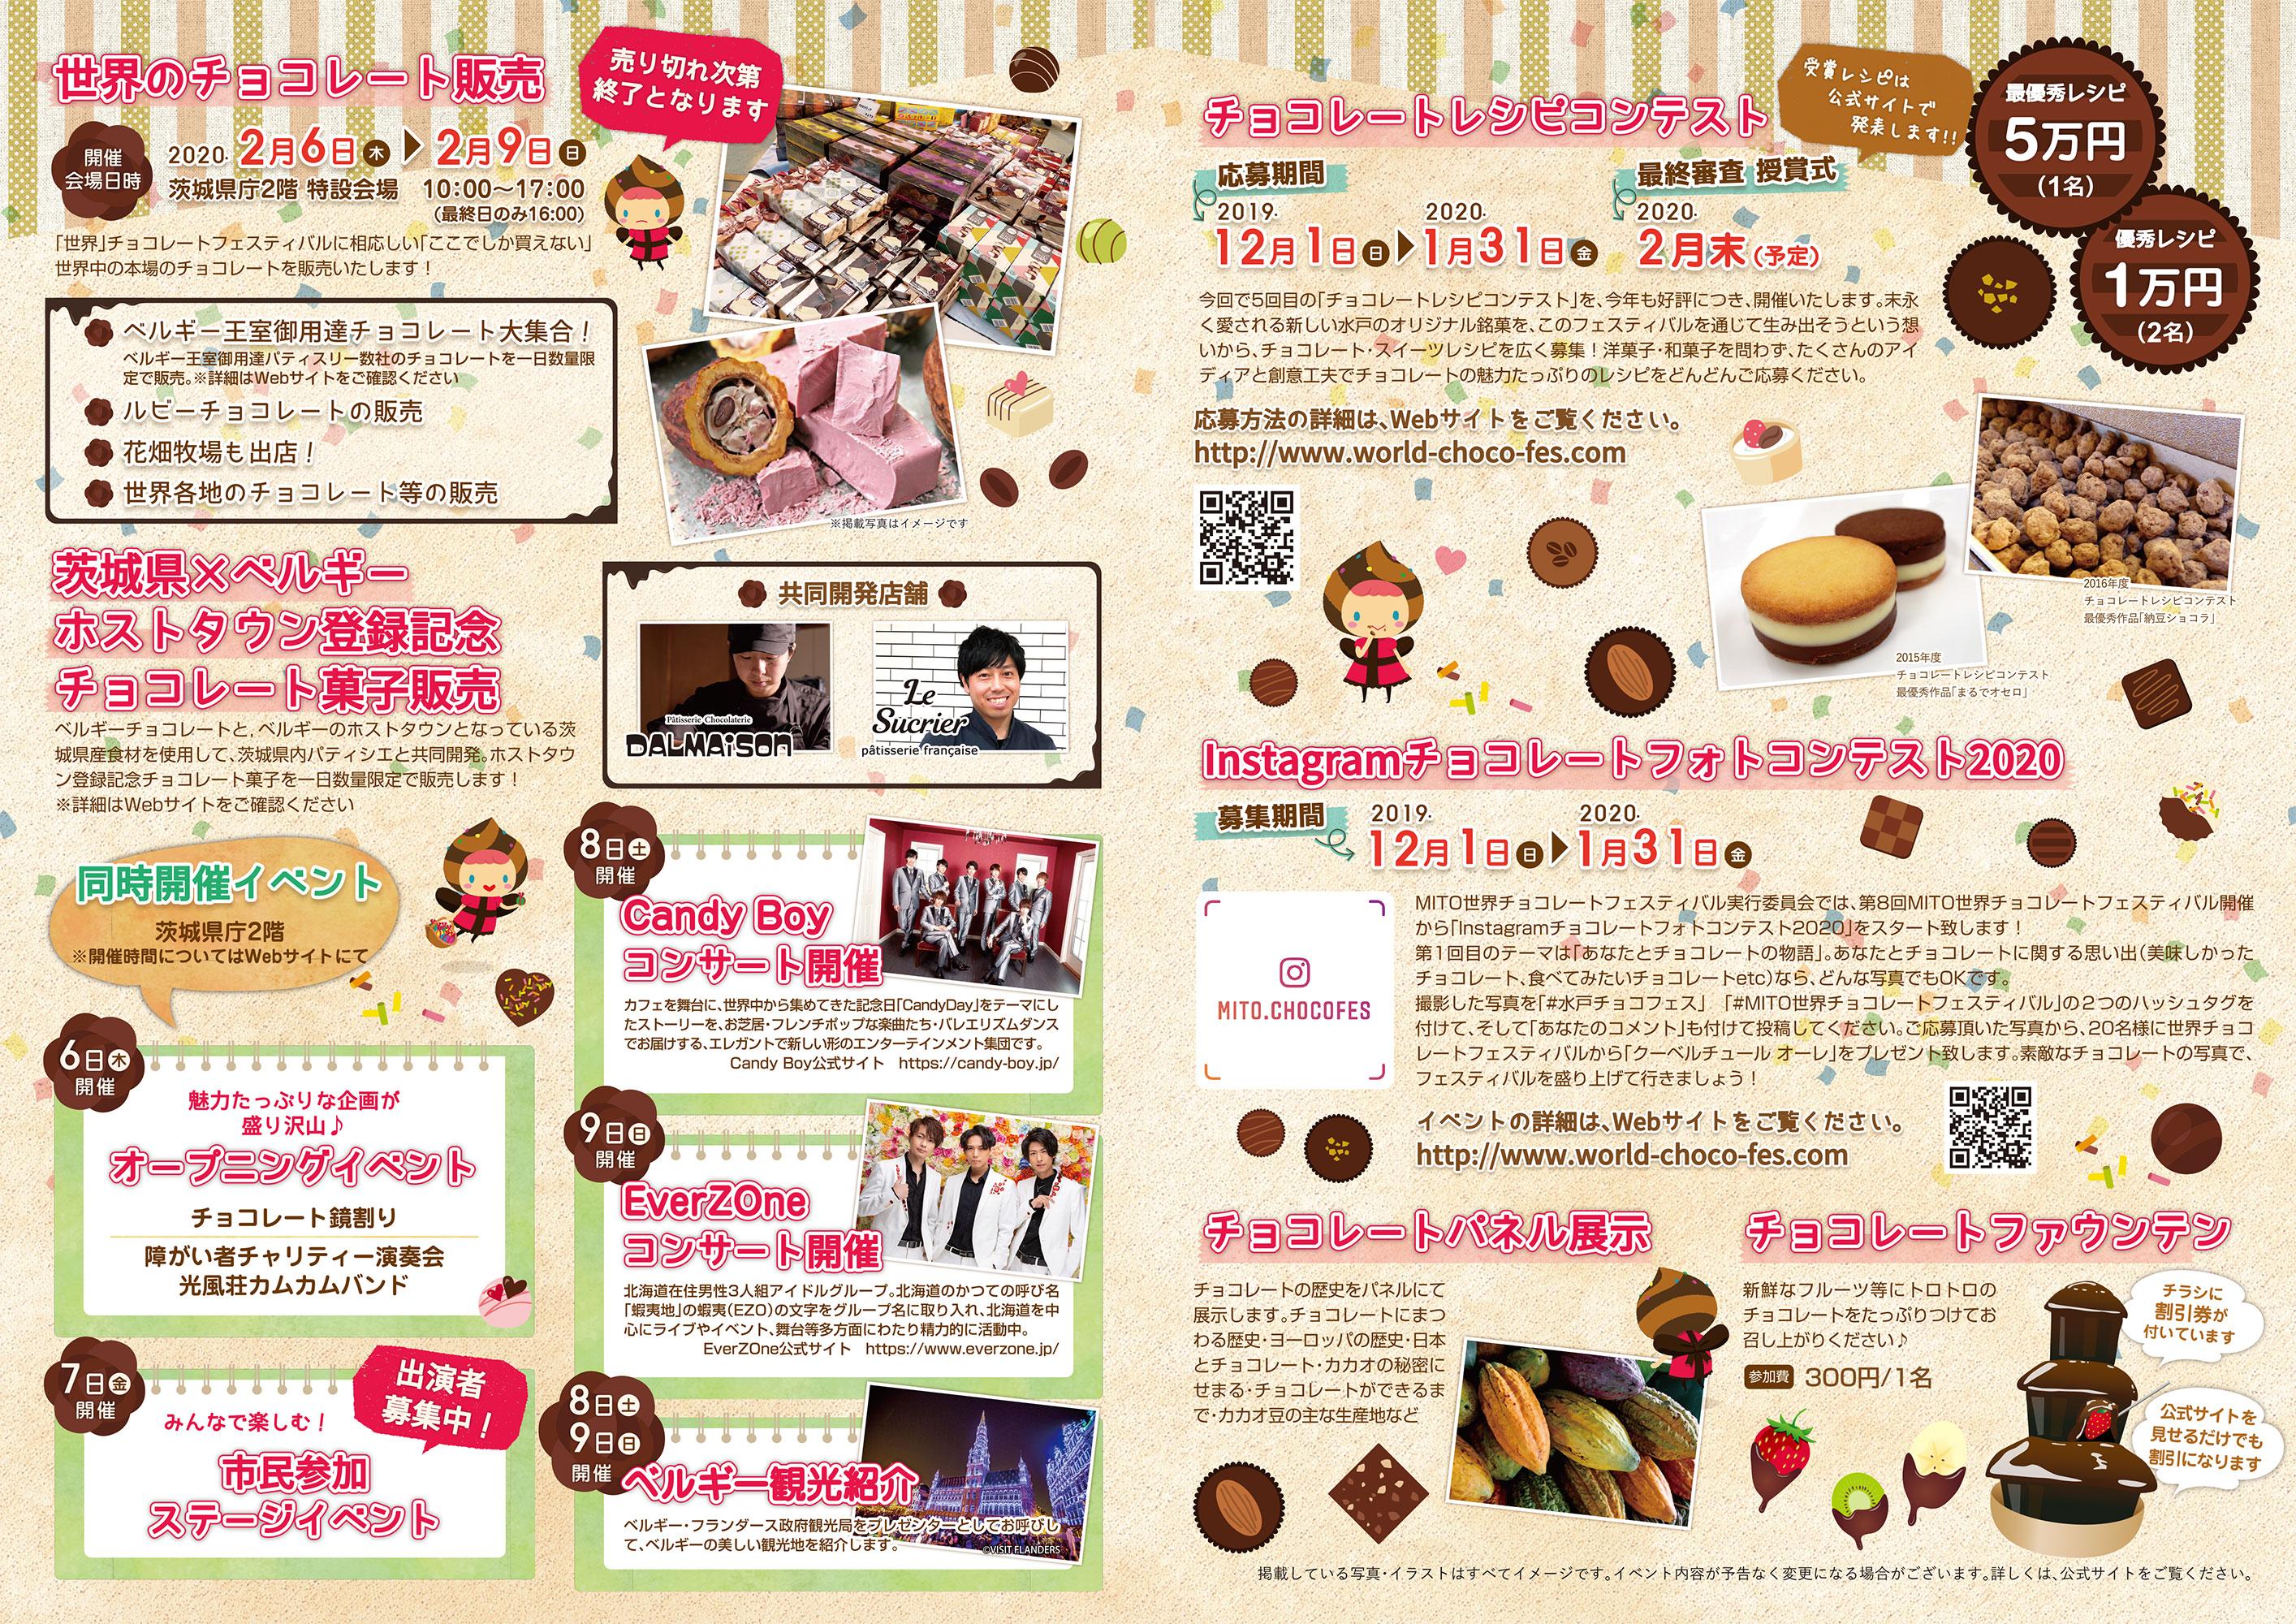 第8回 世界チョコレートフェスティバル